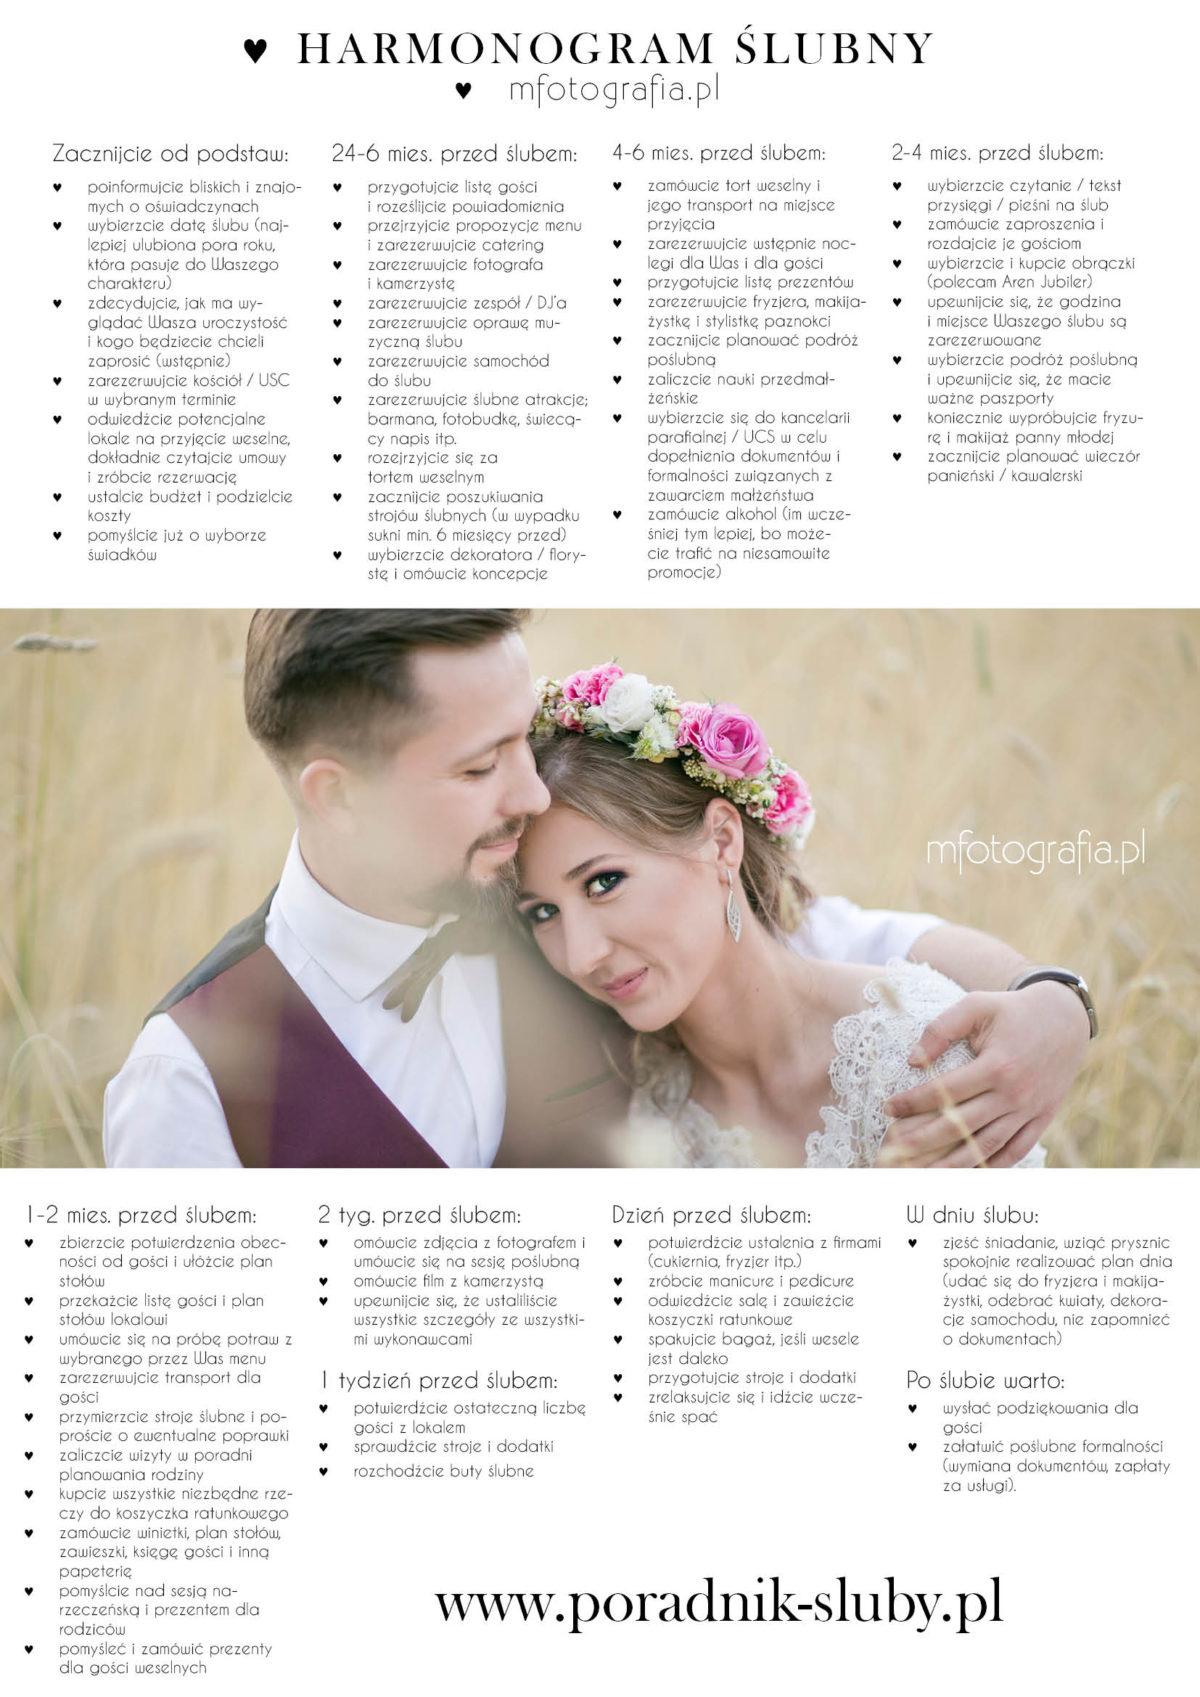 c12ab937d1 Harmonogram przygotowań do ślubu i wesela - poradnik ślubny i weselny